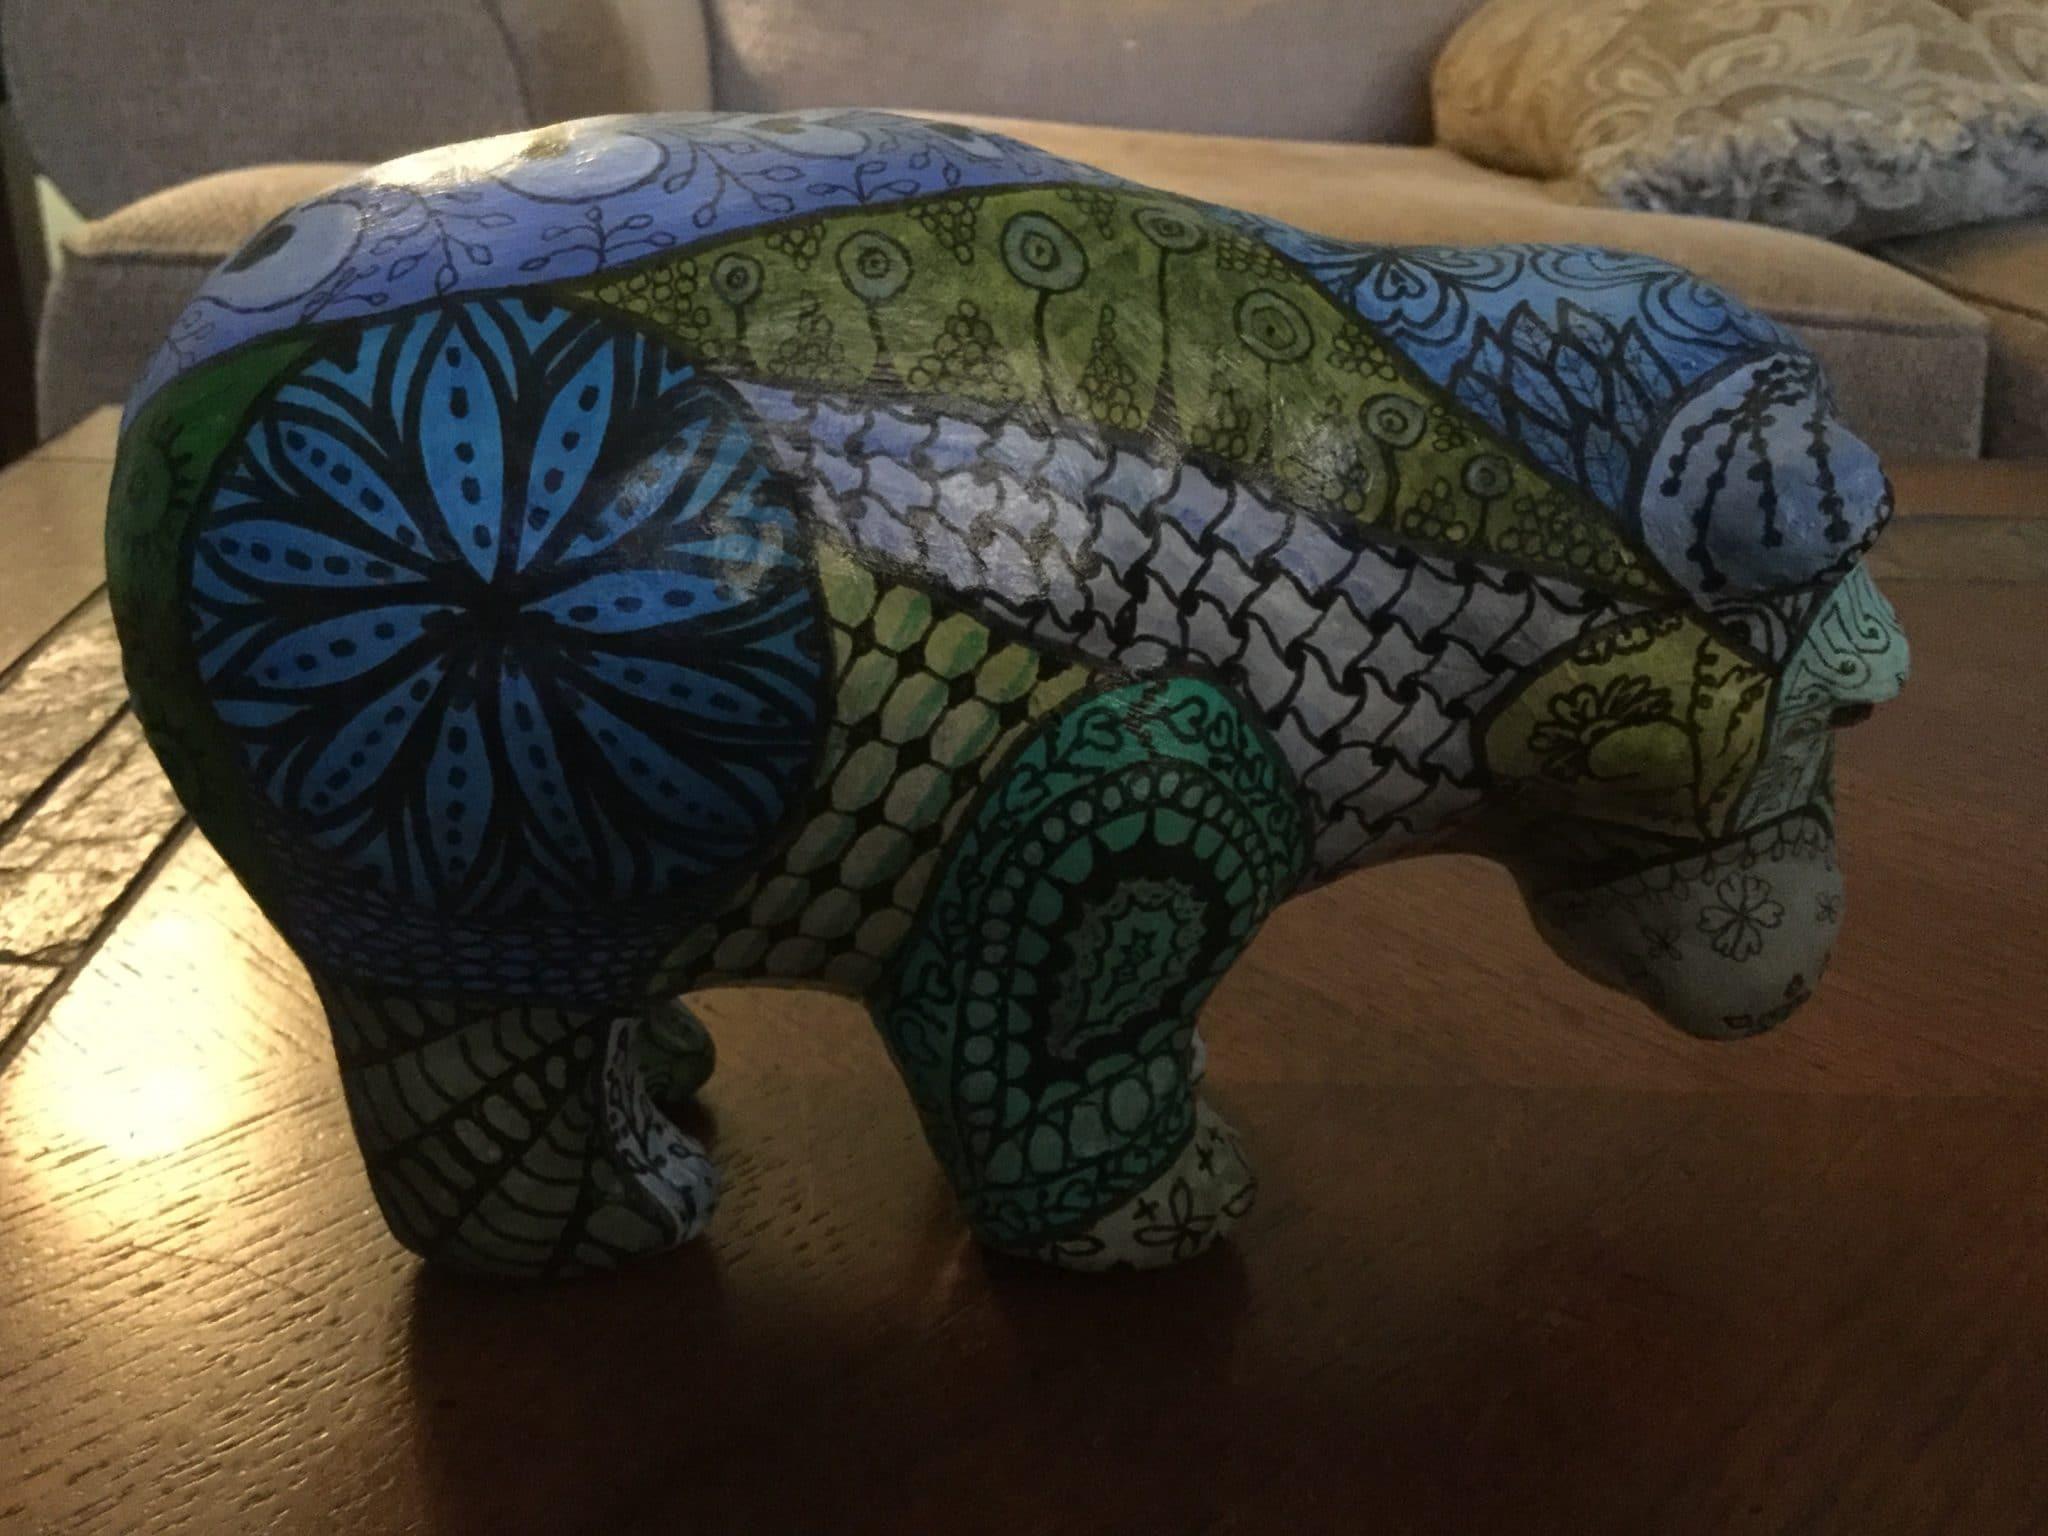 Zen-doodle hippo